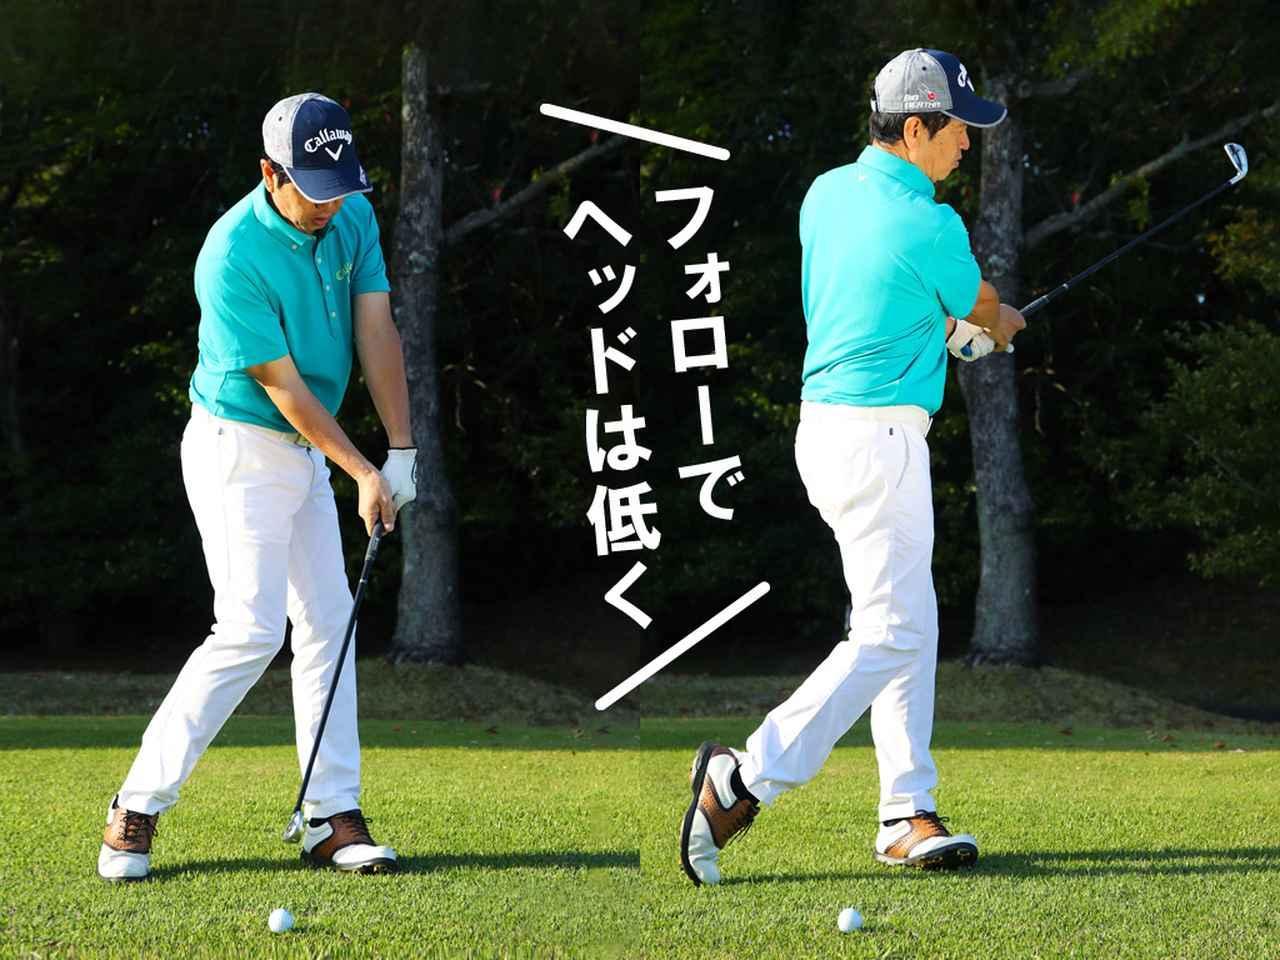 画像3: 左手甲を地面に向ける